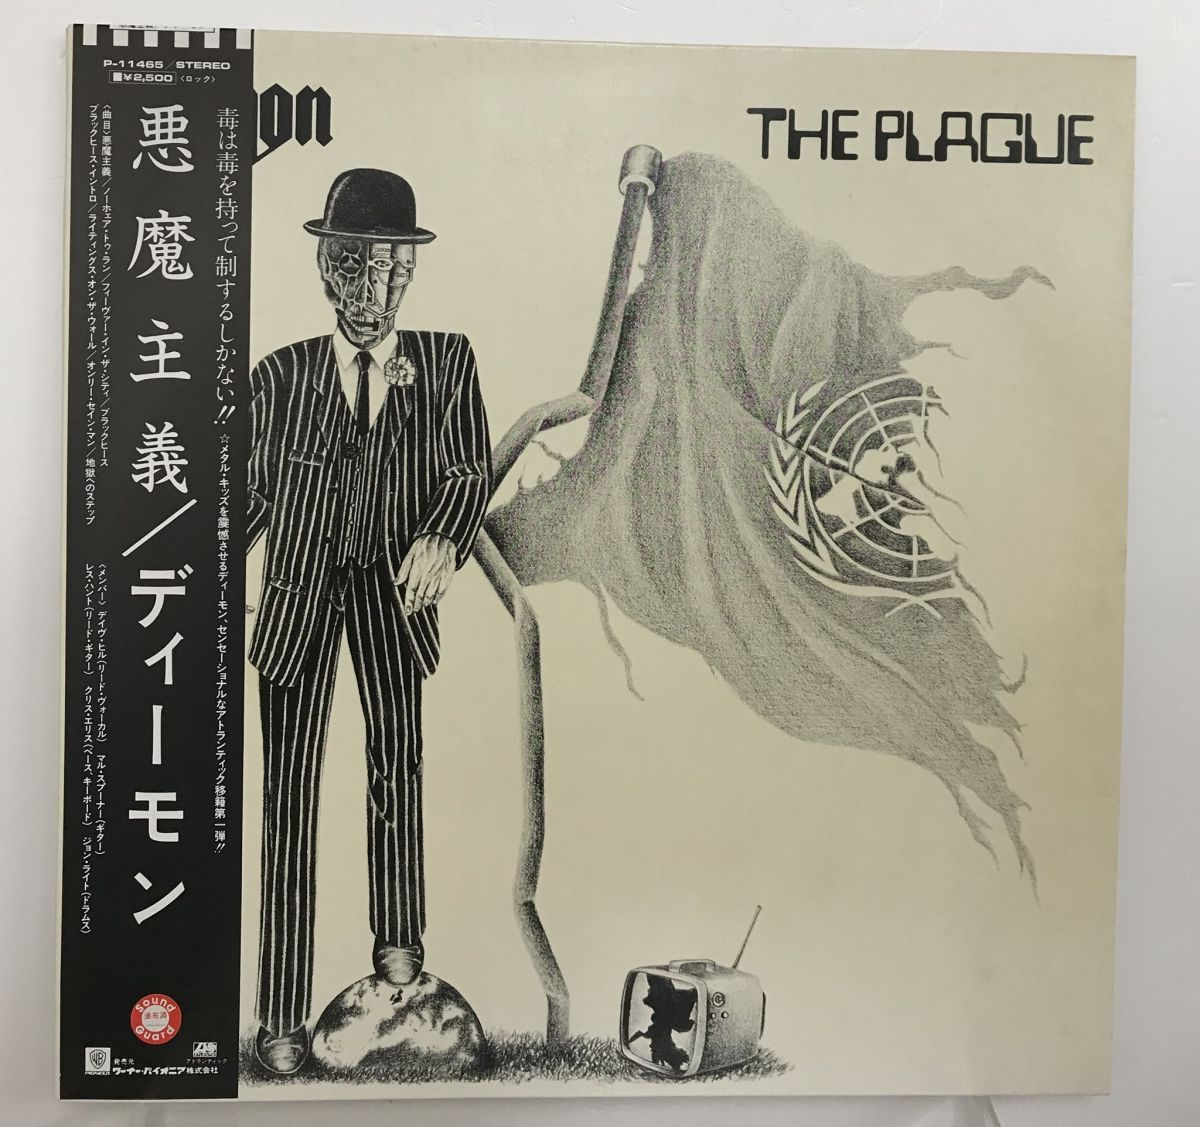 【レコード買取】ディーモン「The Plague~悪魔主義」P-11465を買取りしました♪